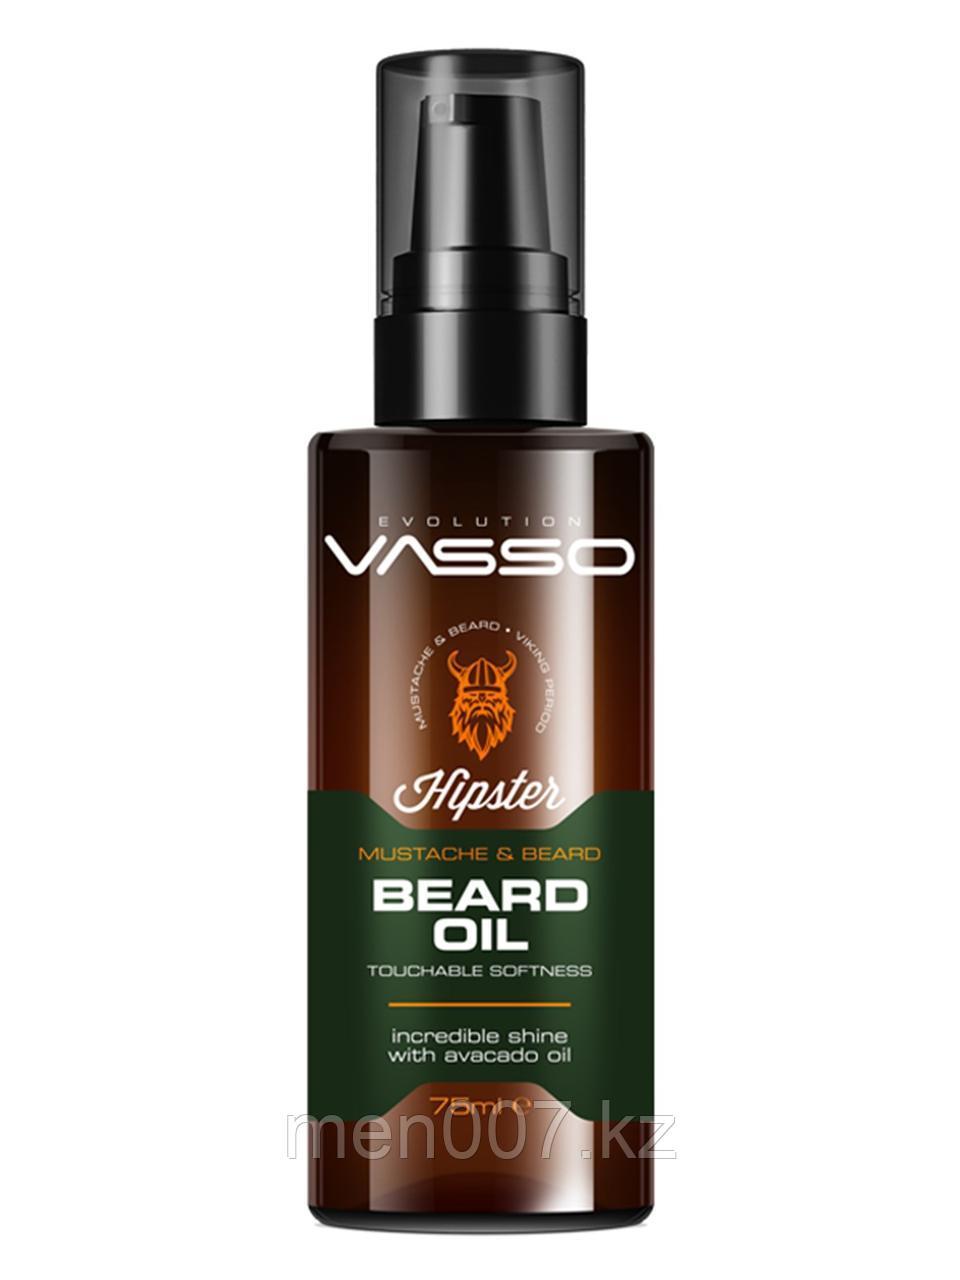 Vasso Масло для бороды и усов, 75 мл